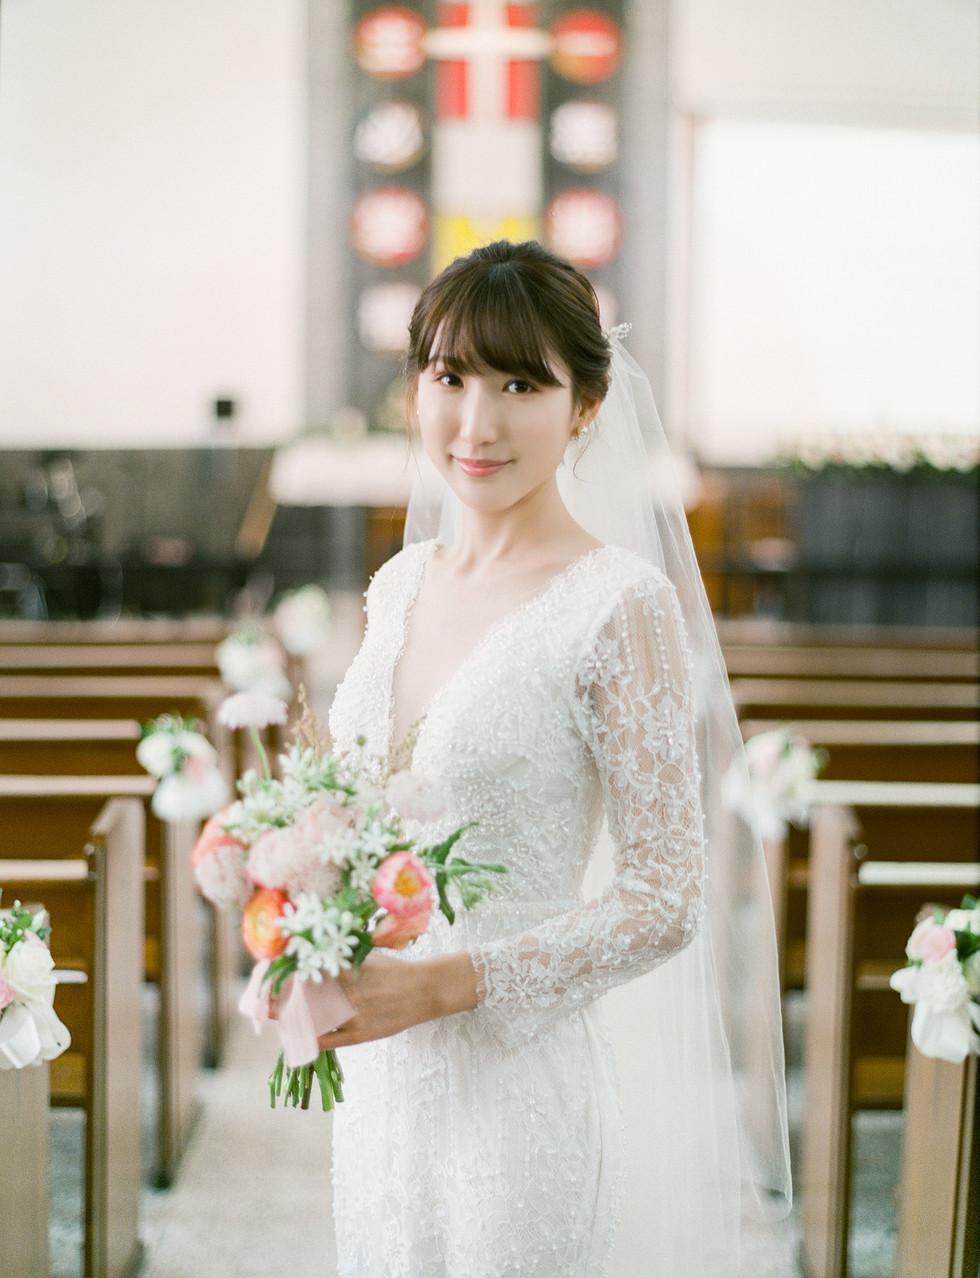 銘恩 羿璇 婚禮底片-14 小圖.jpg